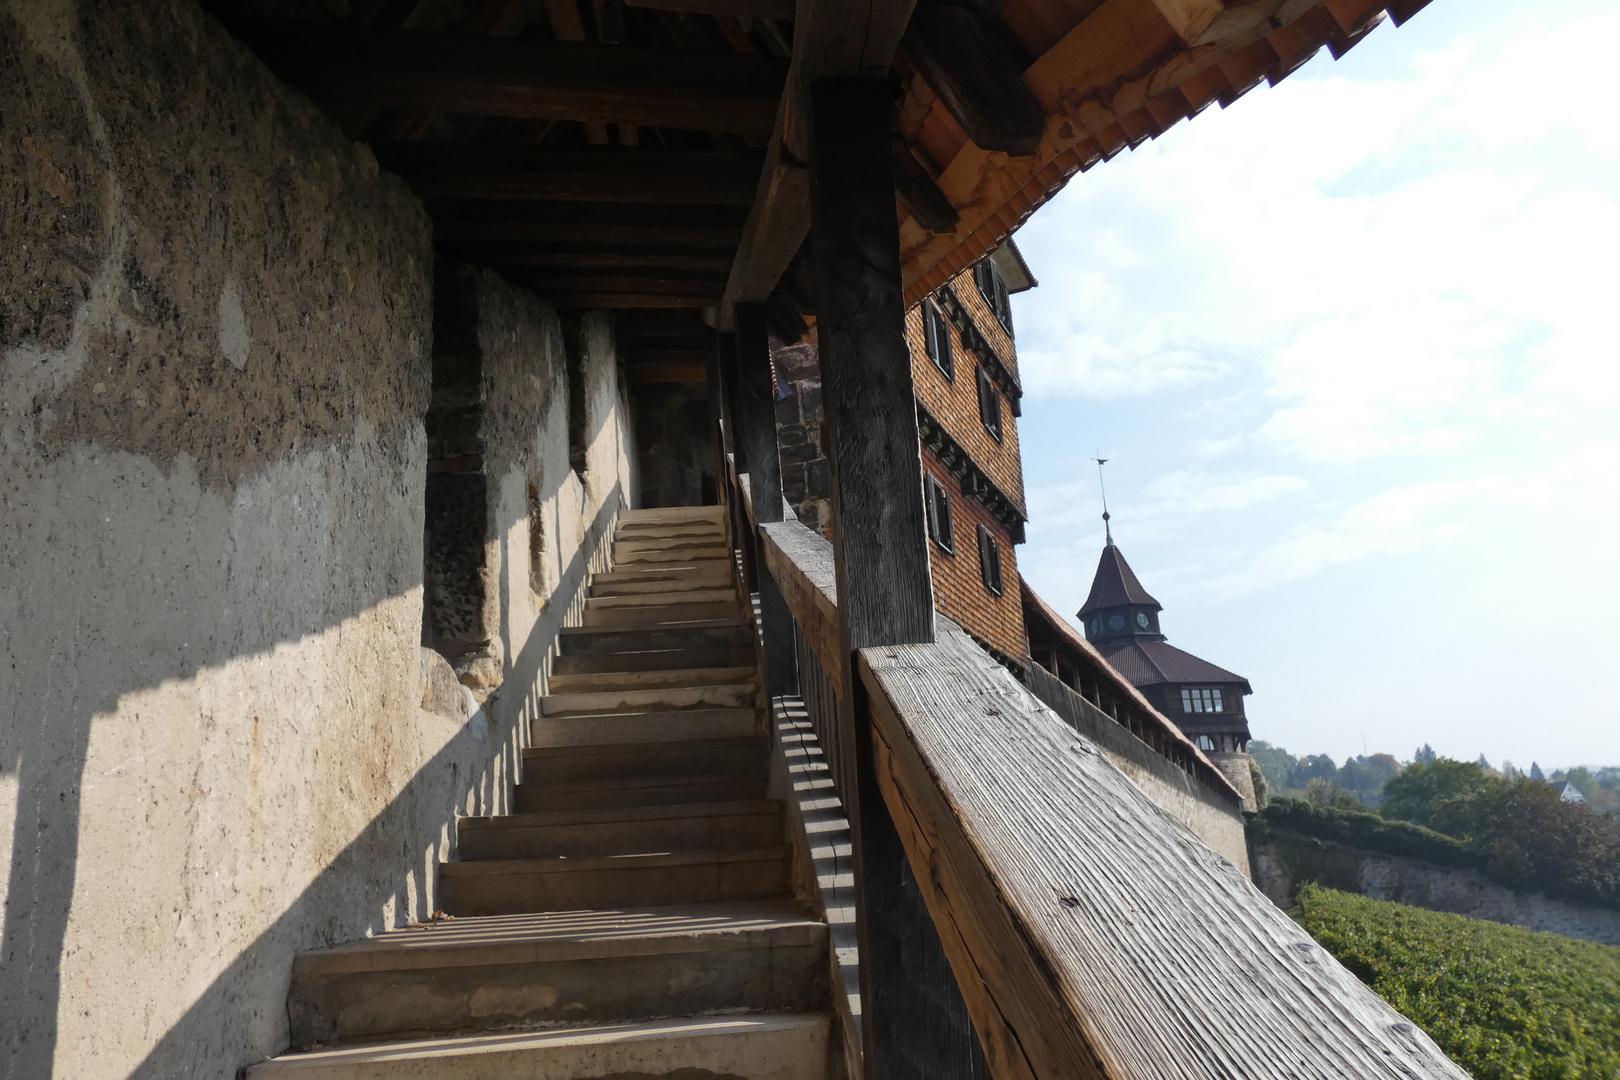 Esslinger Burg Ks 244 Foto Bild Schloss Natur Burg Bilder